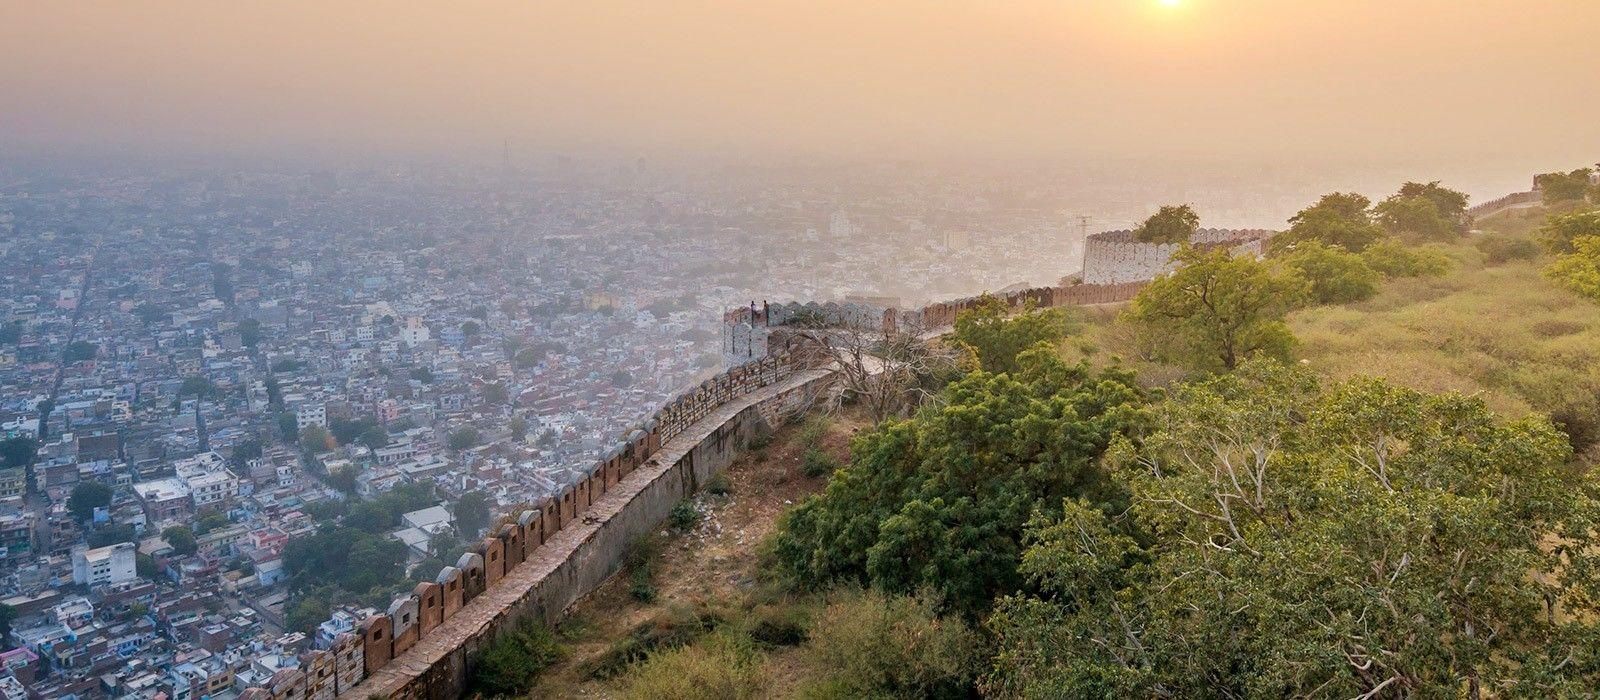 Kulturreise in Nordindien: Juwelen des Nordens Urlaub 1